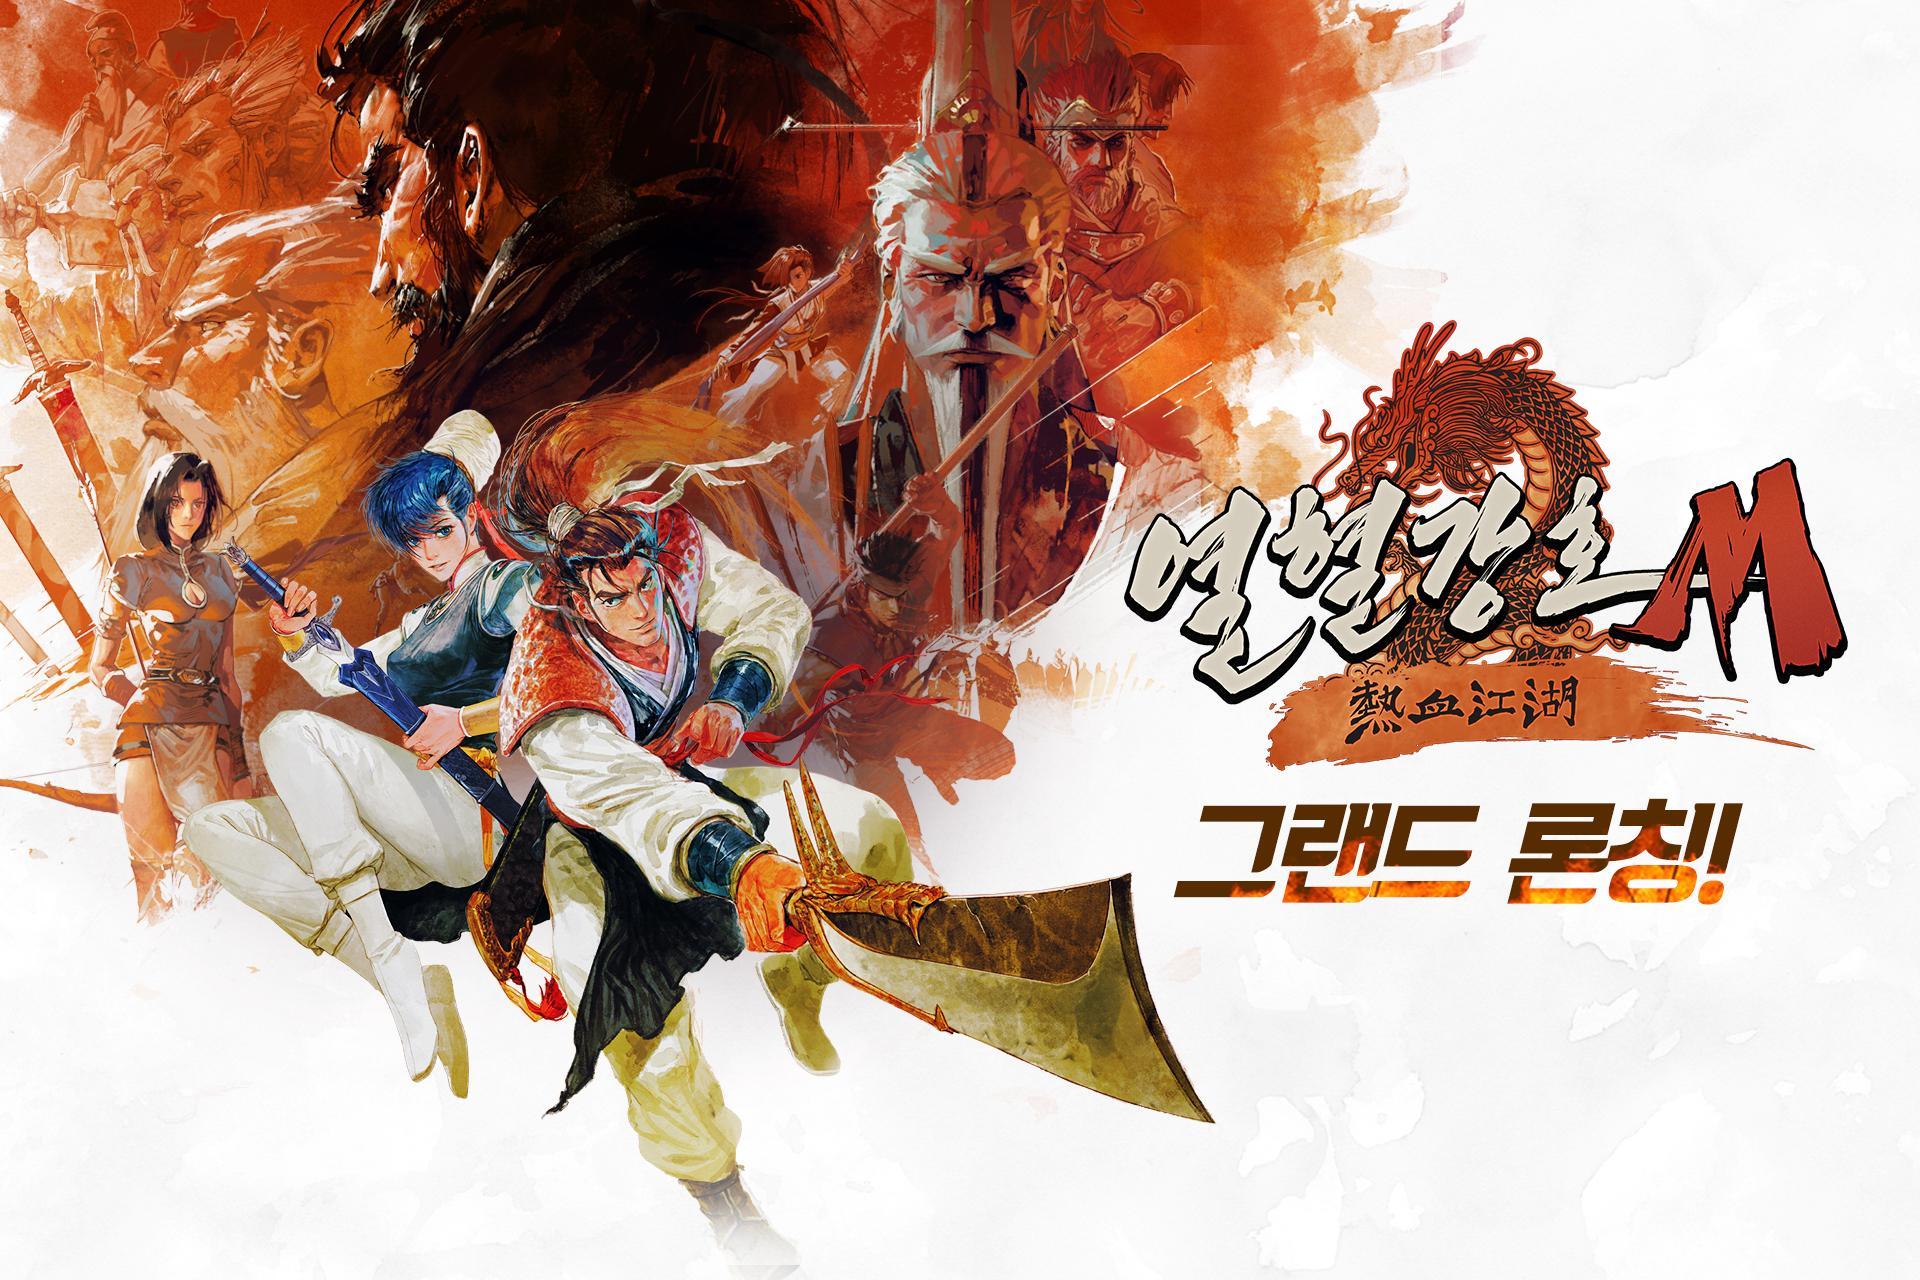 热血江湖M游戏图片欣赏